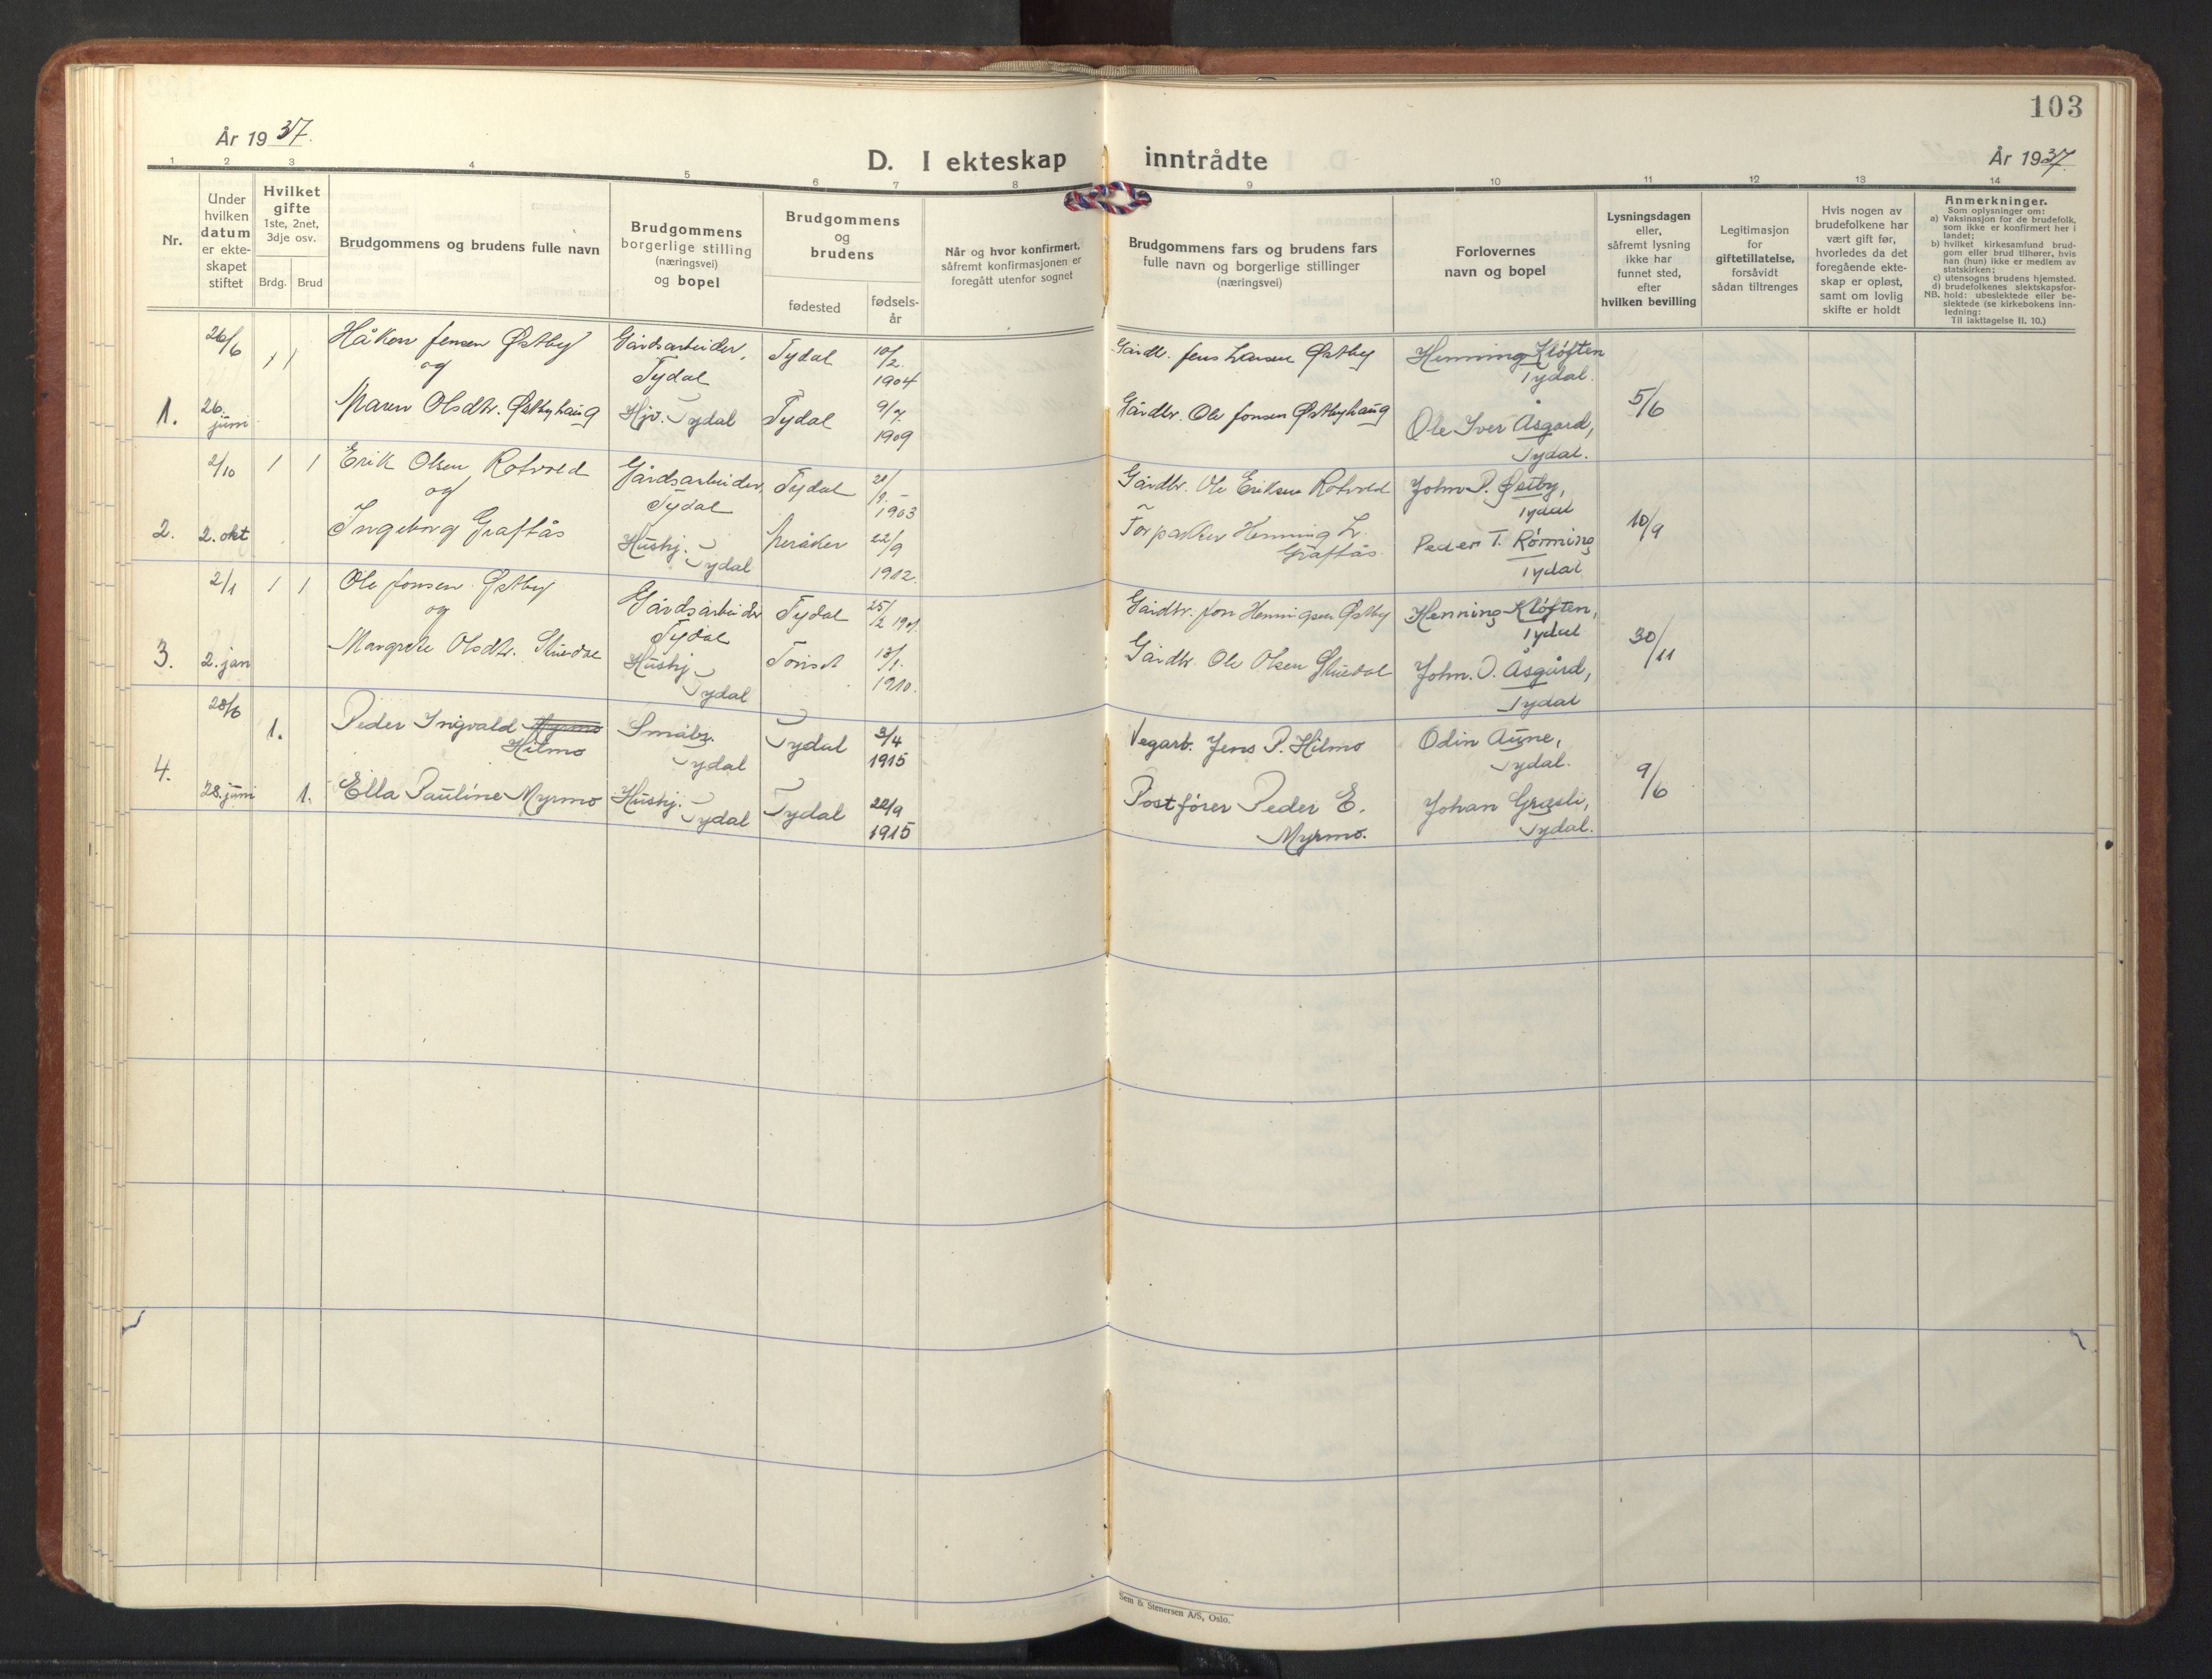 SAT, Ministerialprotokoller, klokkerbøker og fødselsregistre - Sør-Trøndelag, 698/L1169: Klokkerbok nr. 698C06, 1930-1949, s. 103